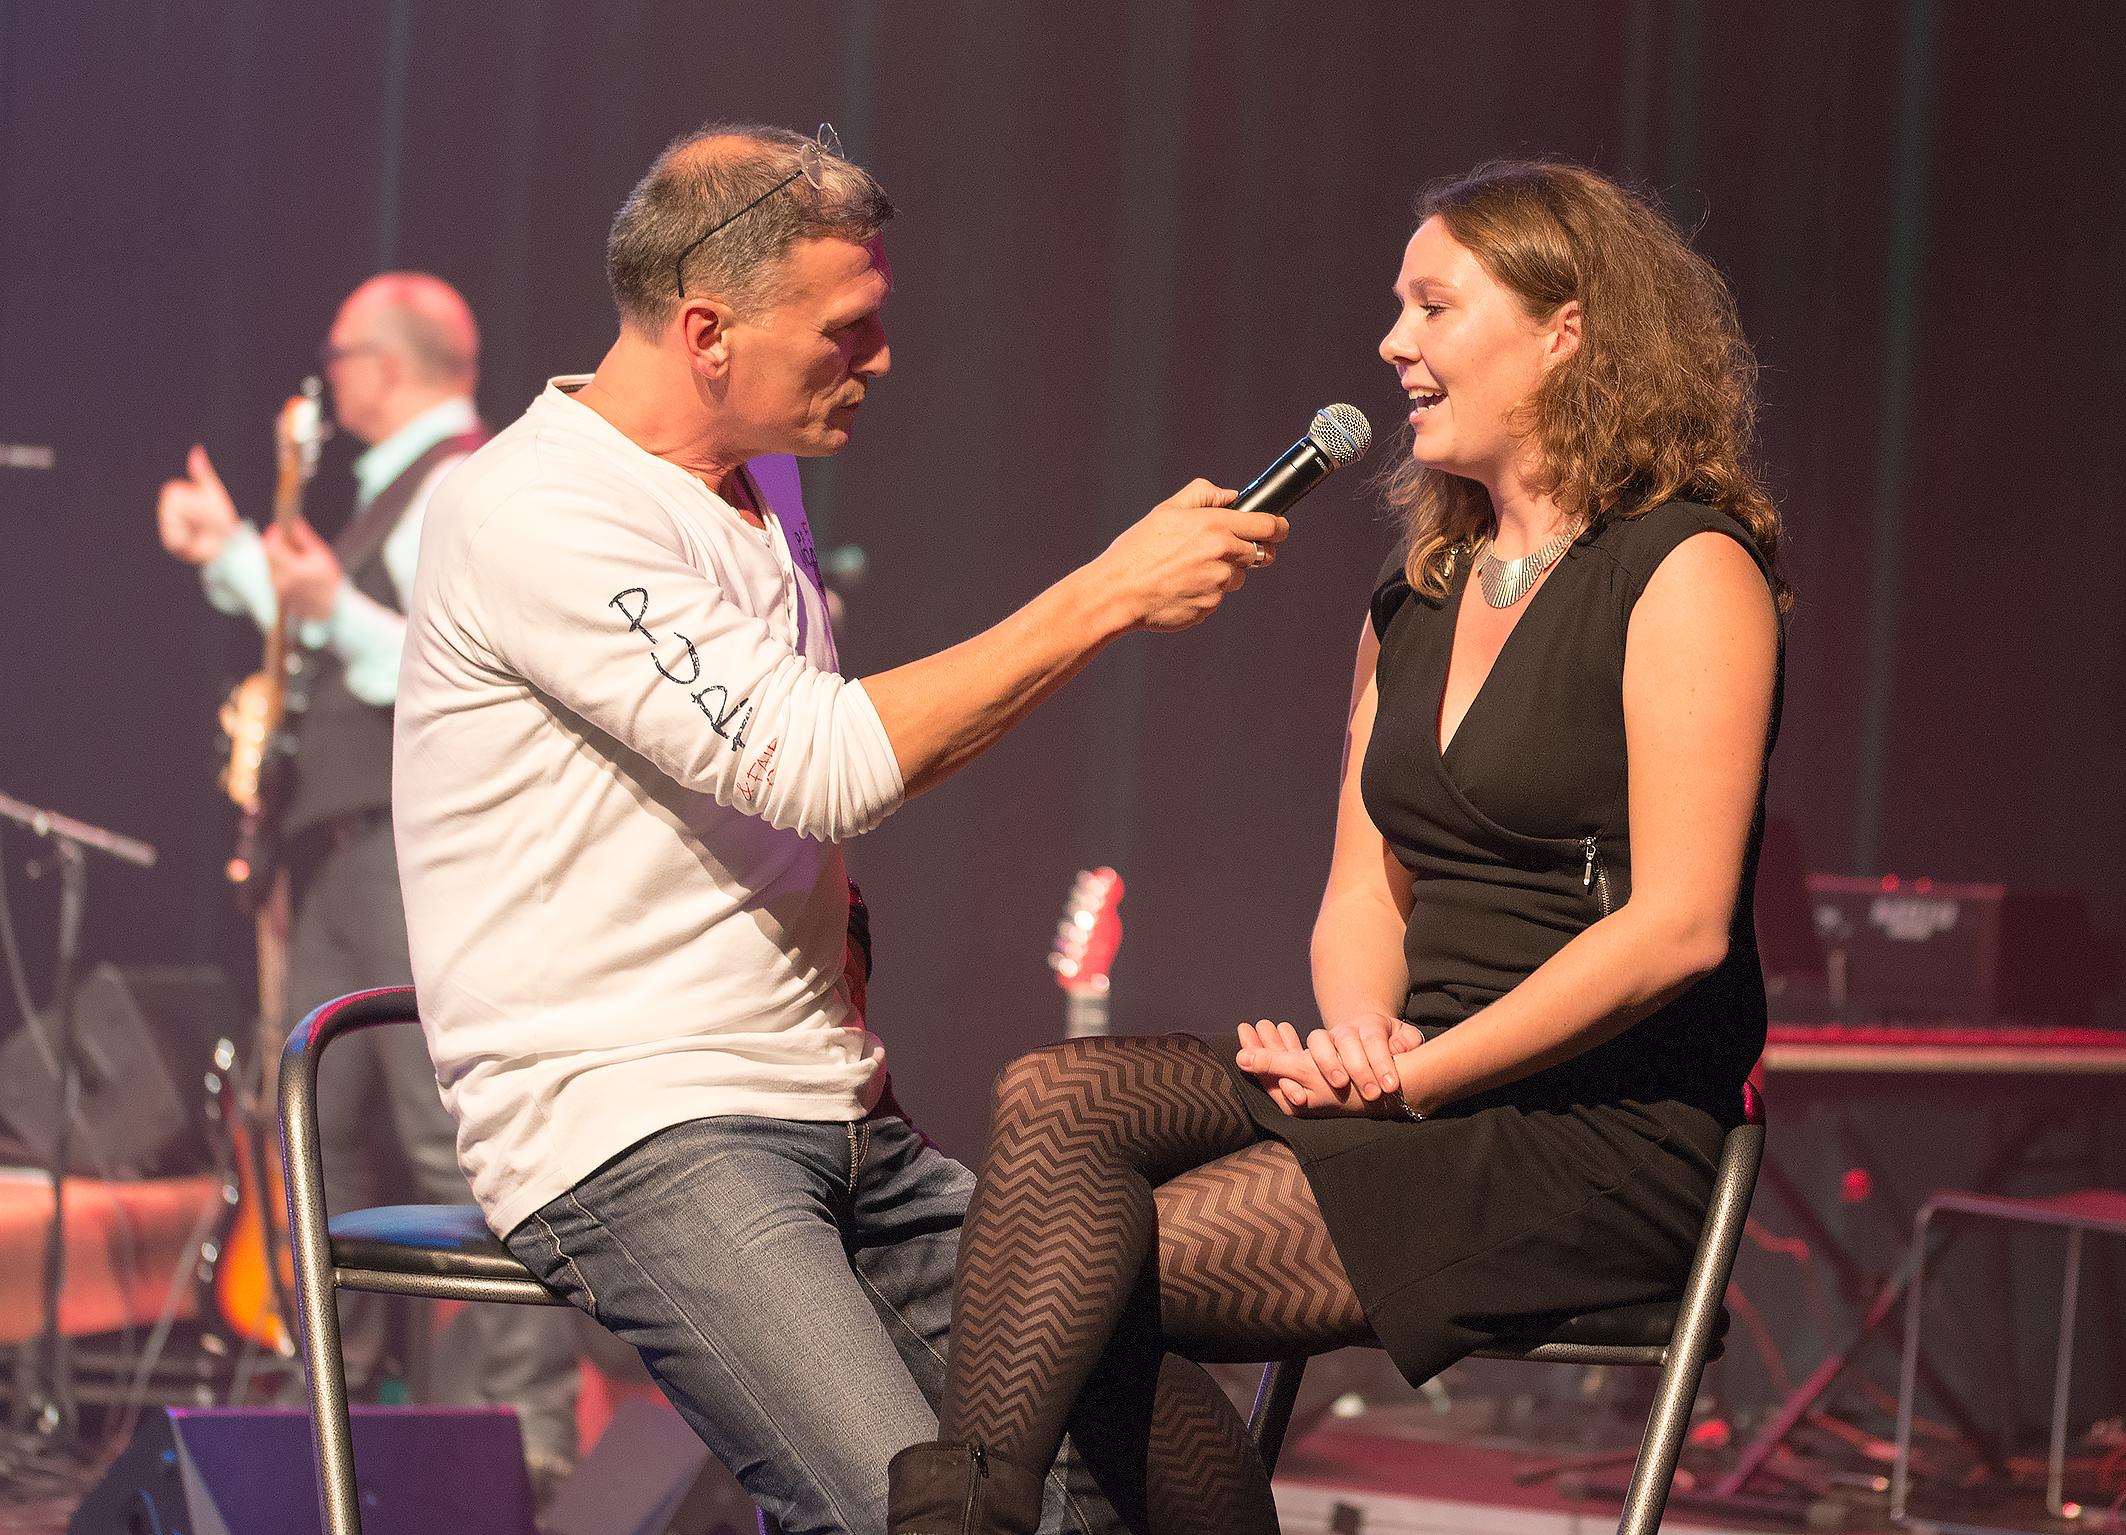 eventfotograaf Utrecht